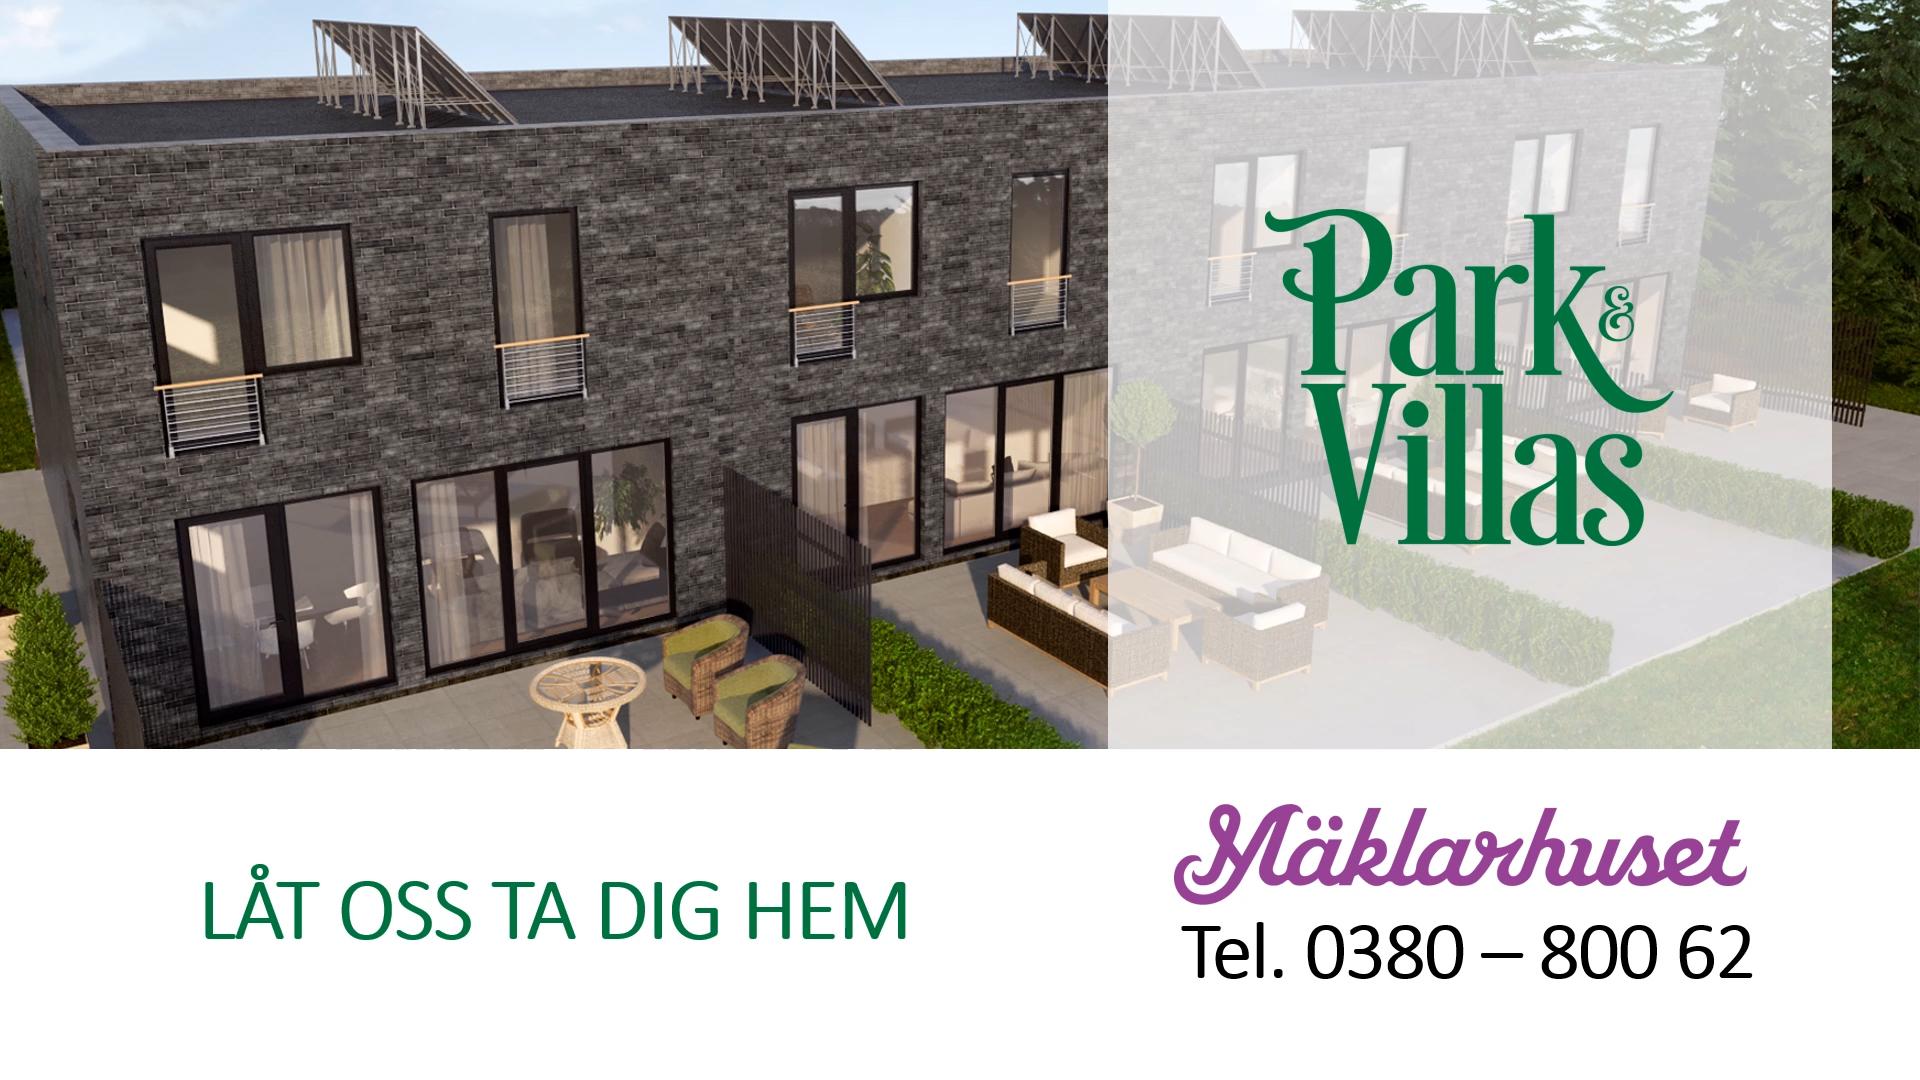 Park&Villas Presentation video 4